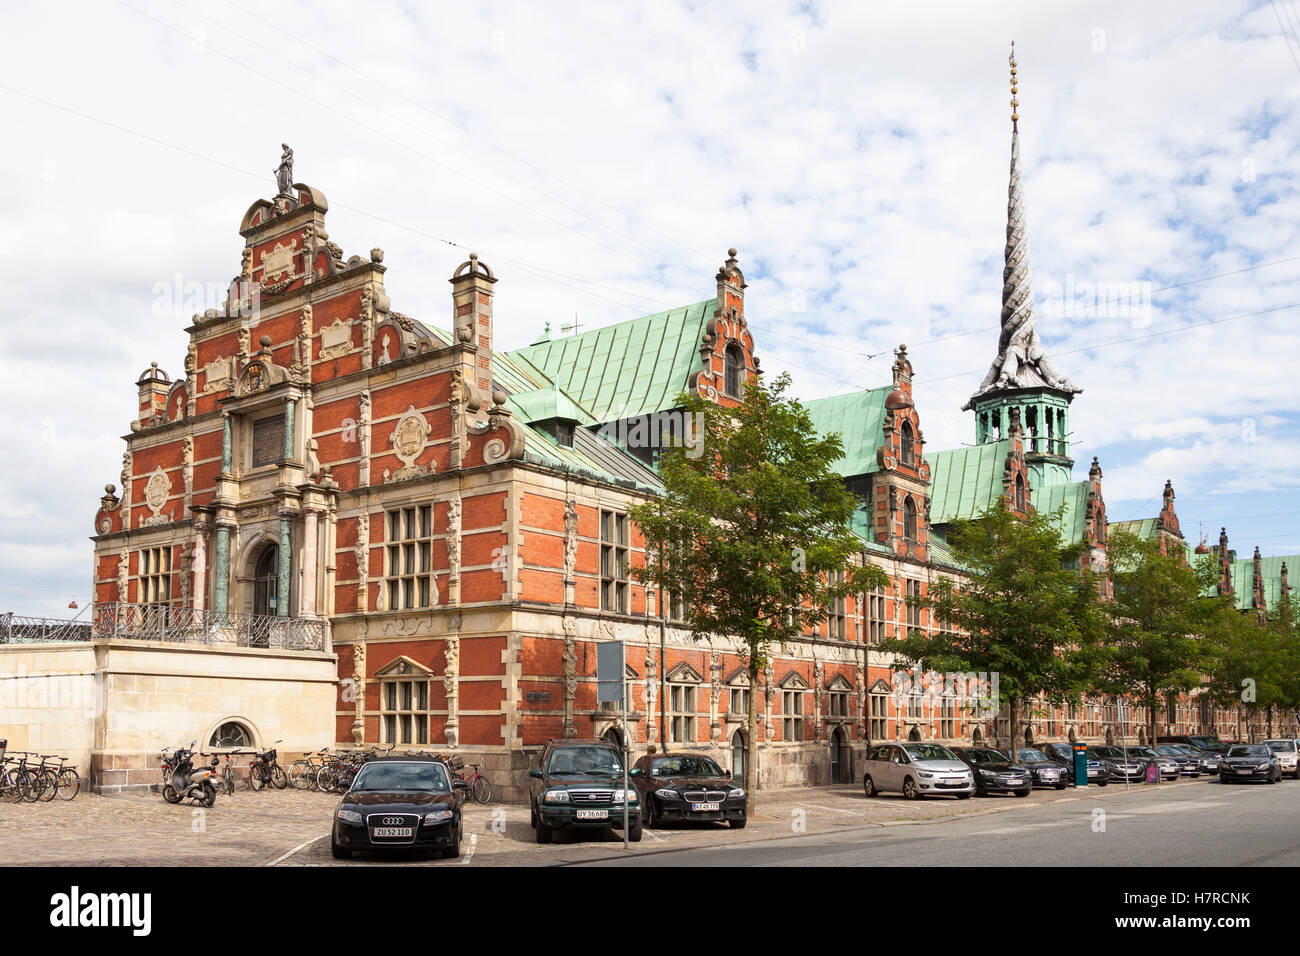 The Old Stock Exchange, Borsen, Nasdaq Copenhagen, Slotsholmen, Copenhagen, Denmark - Stock Image